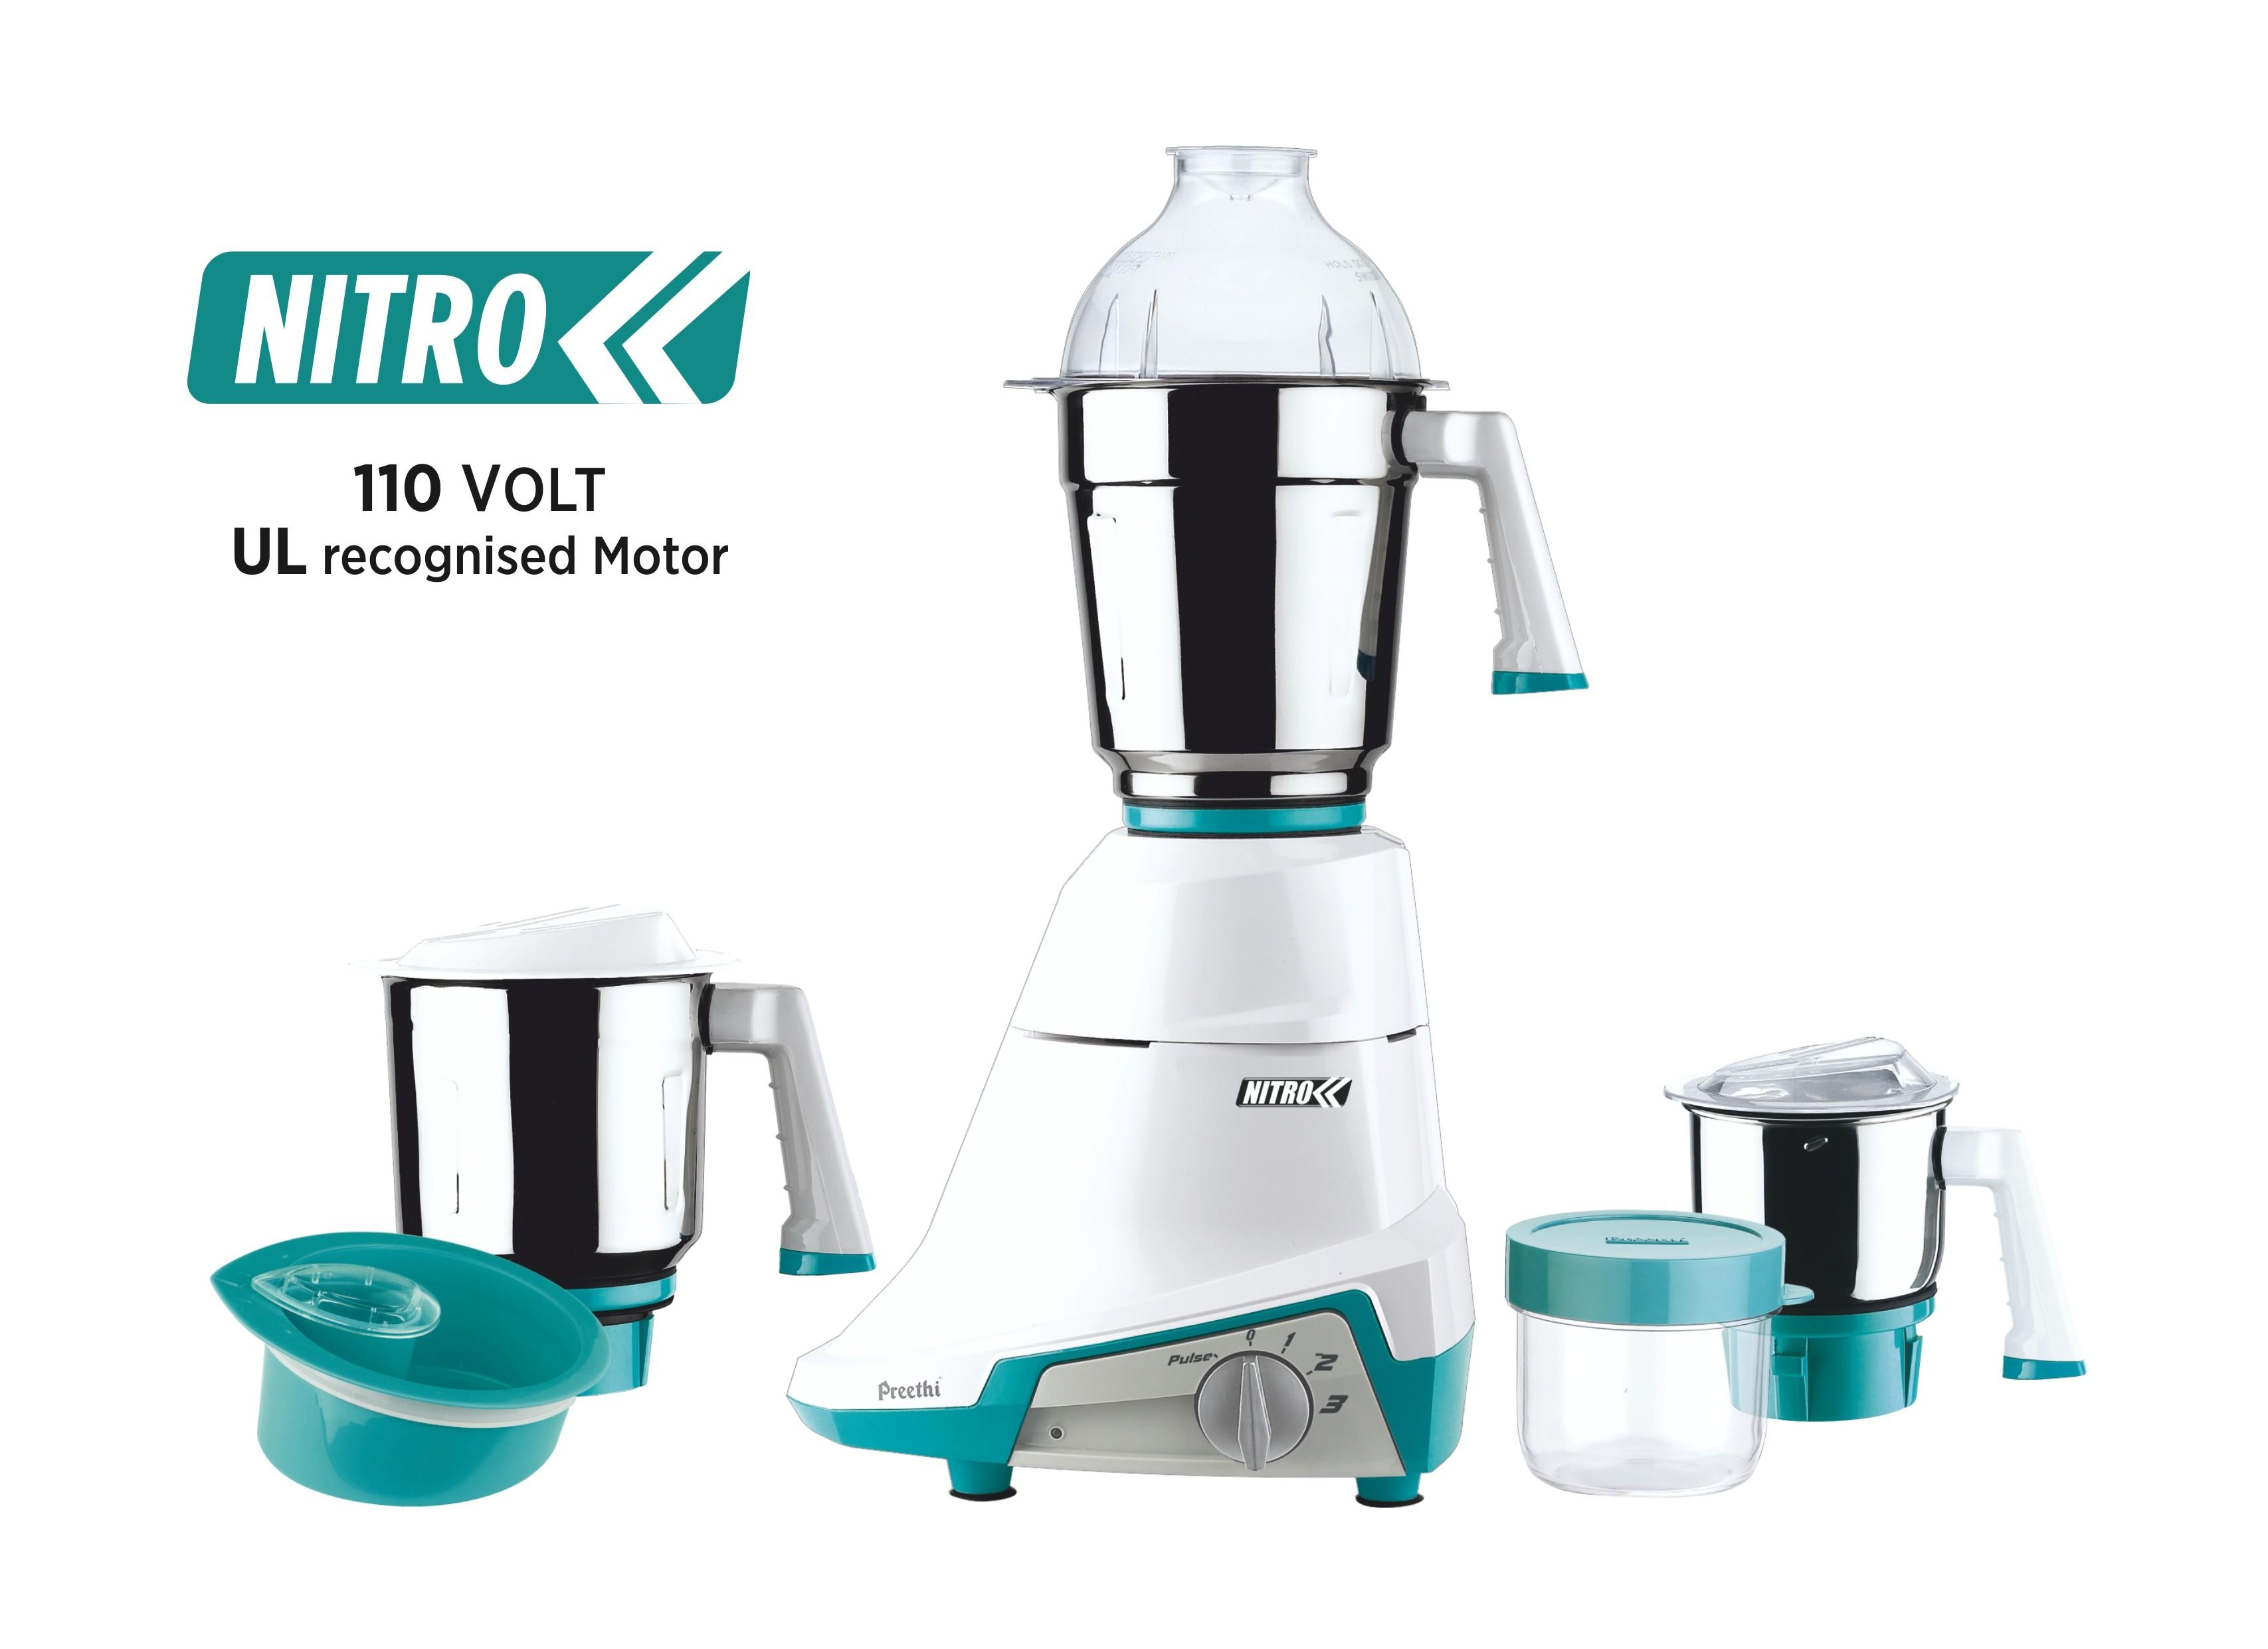 preethi-nitro-3-jar-550w-110v